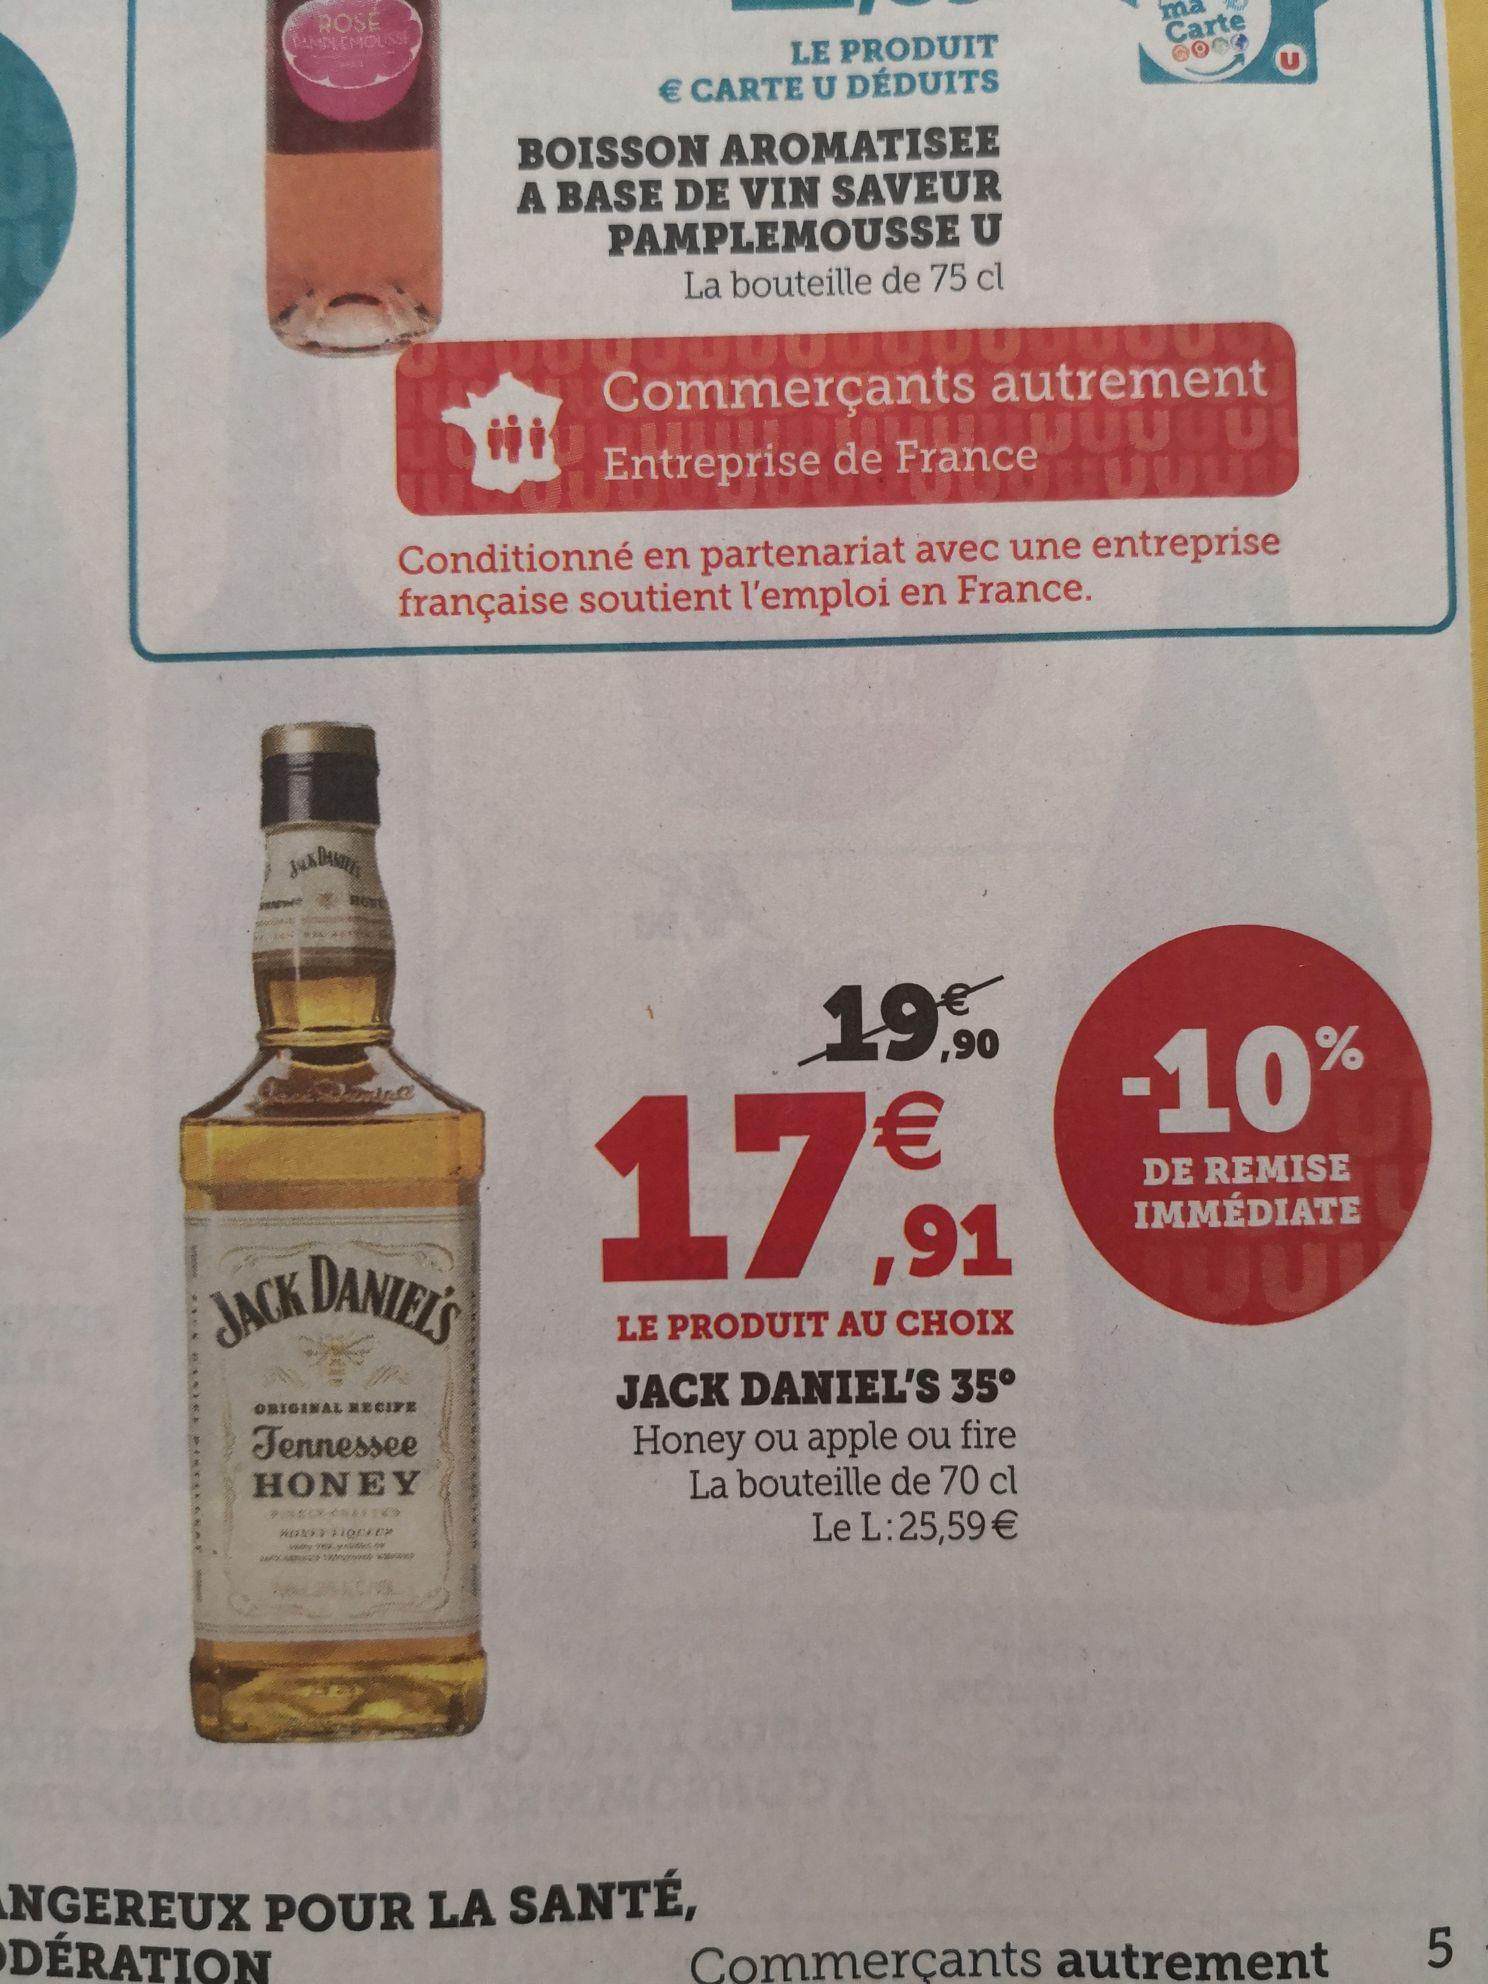 Bouteille de whisky Jack Daniel's Apple, Fire ou Honey - 70 cl